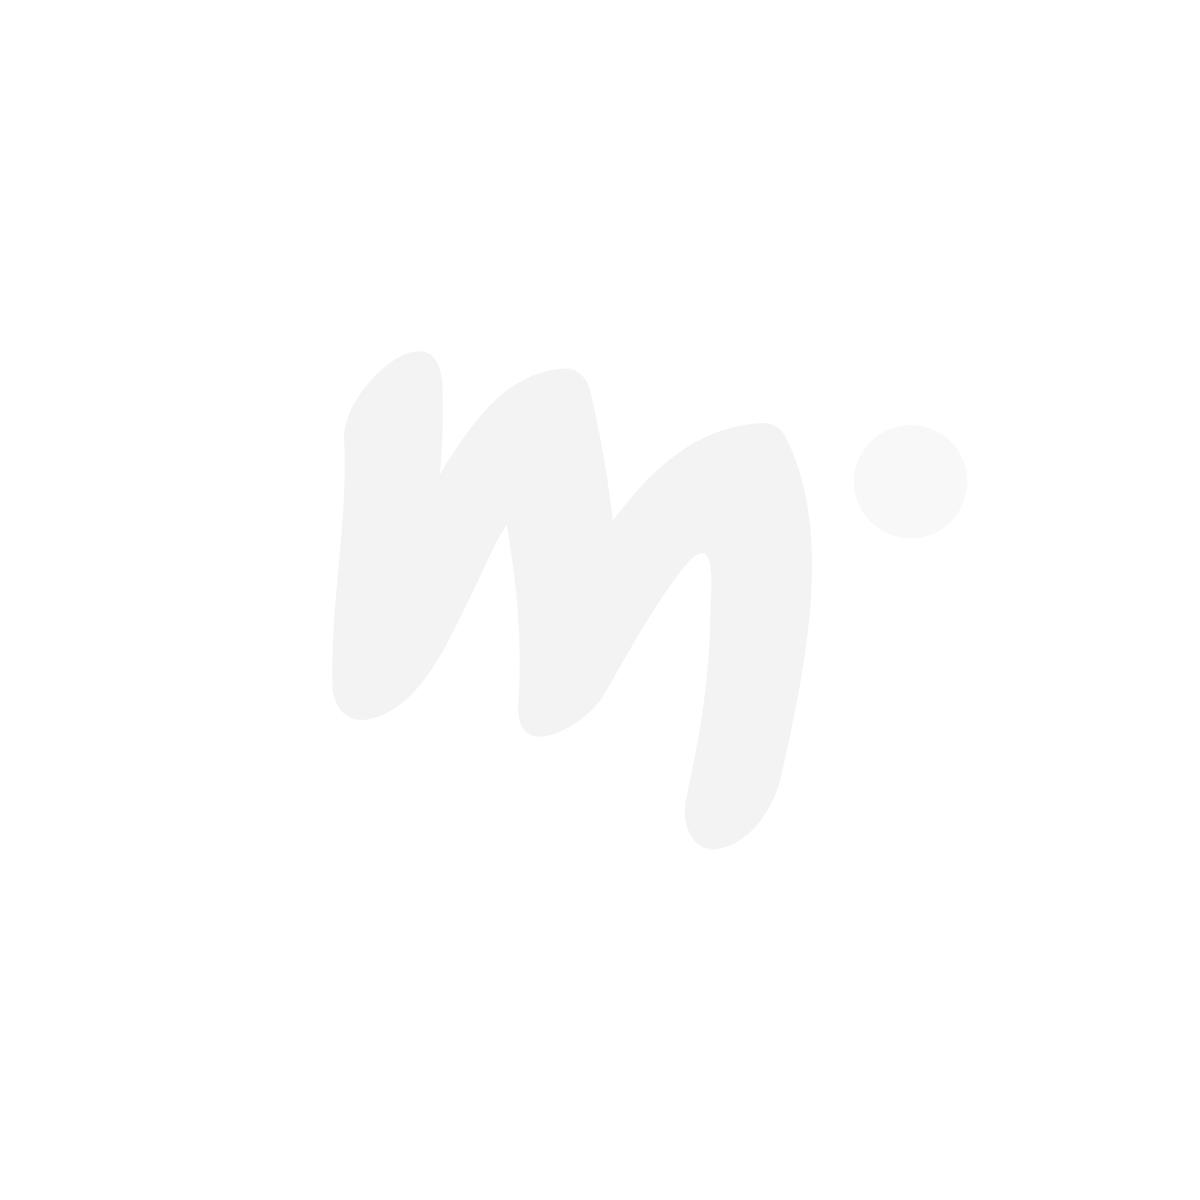 Muumi Hatut-fleecehaalari sininen